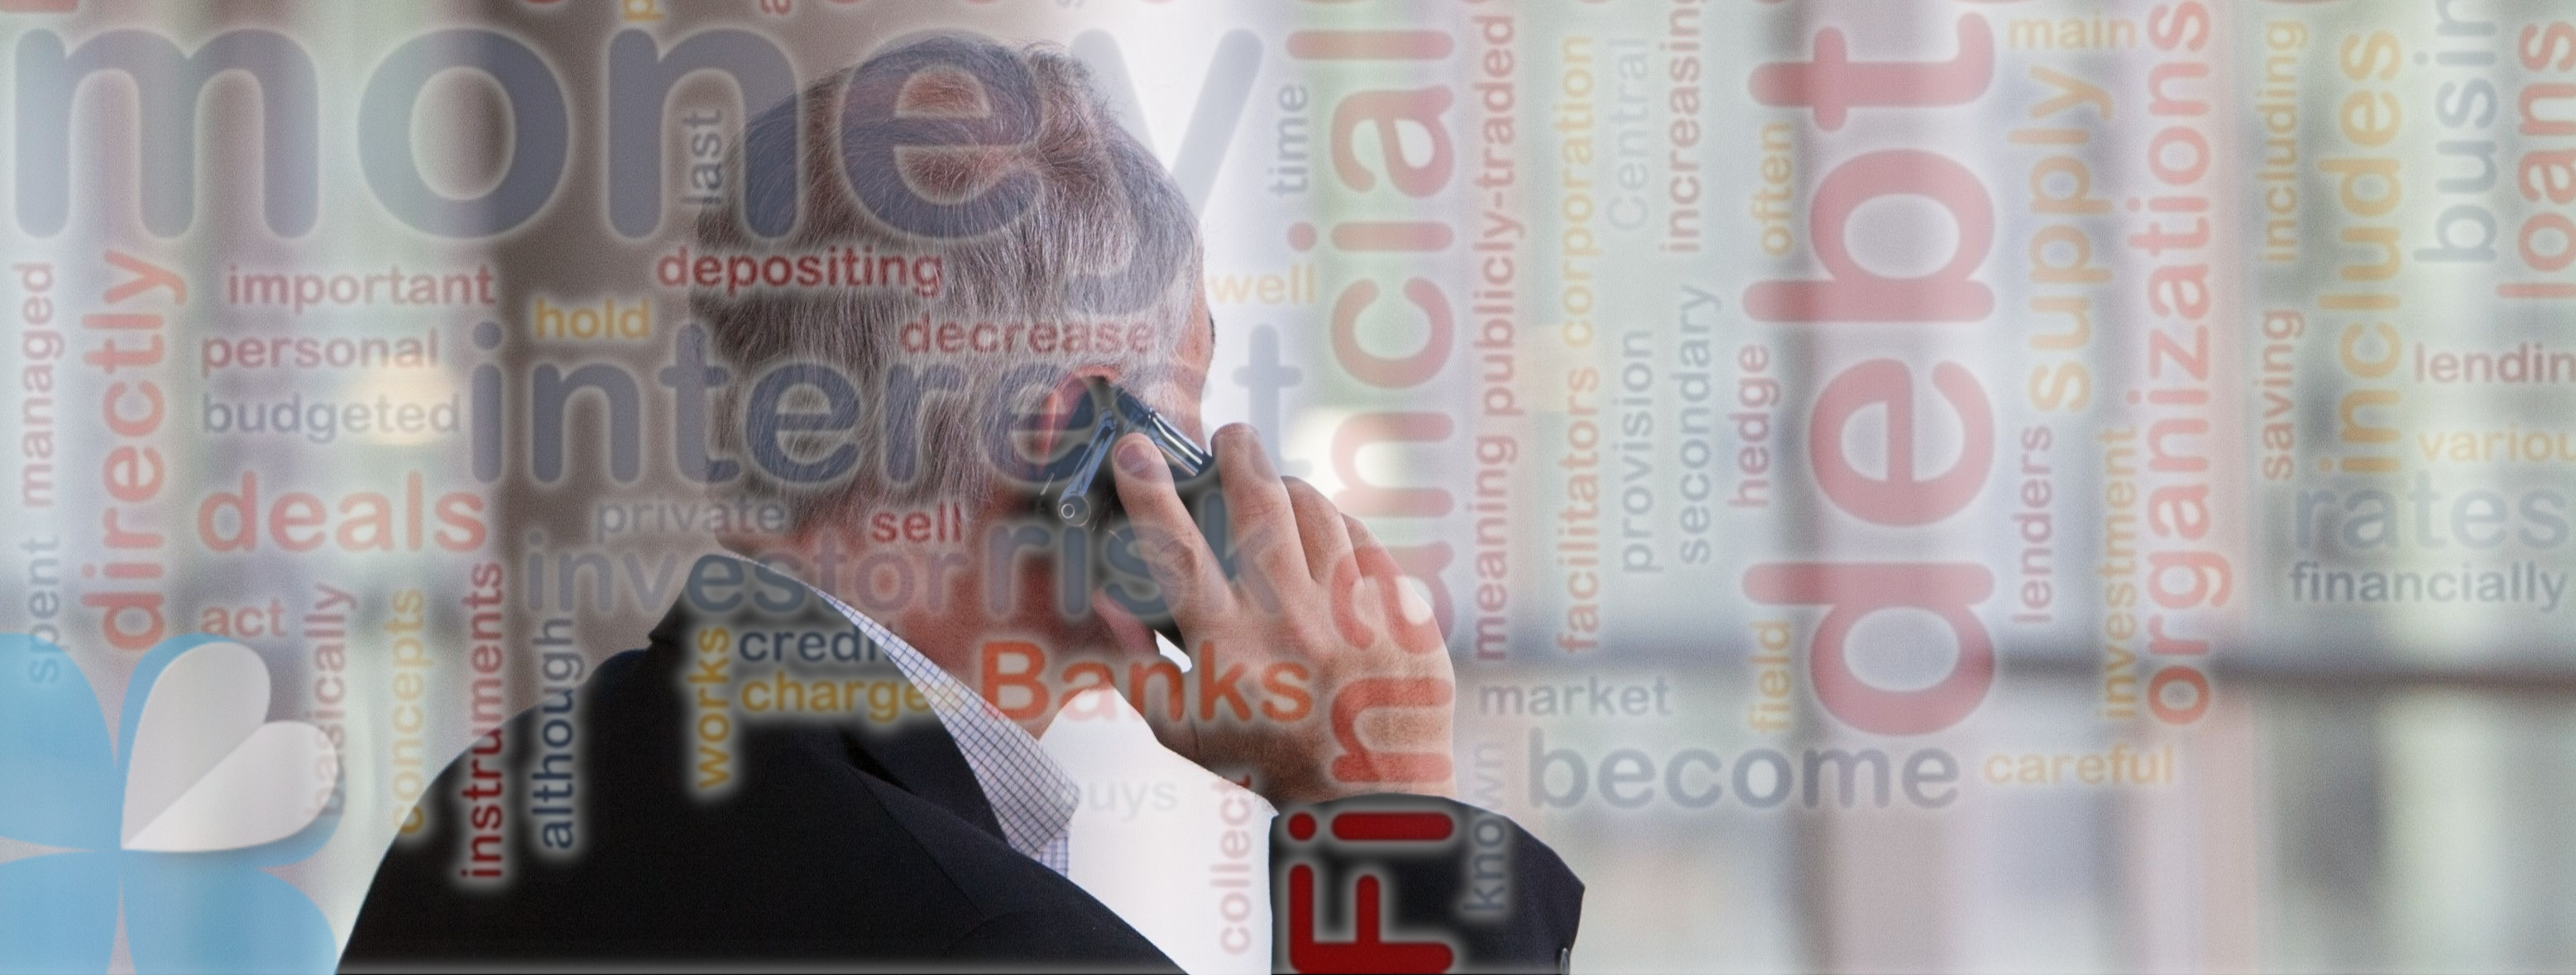 Inteligencia Artificial para descifrar la jerga de los banqueros